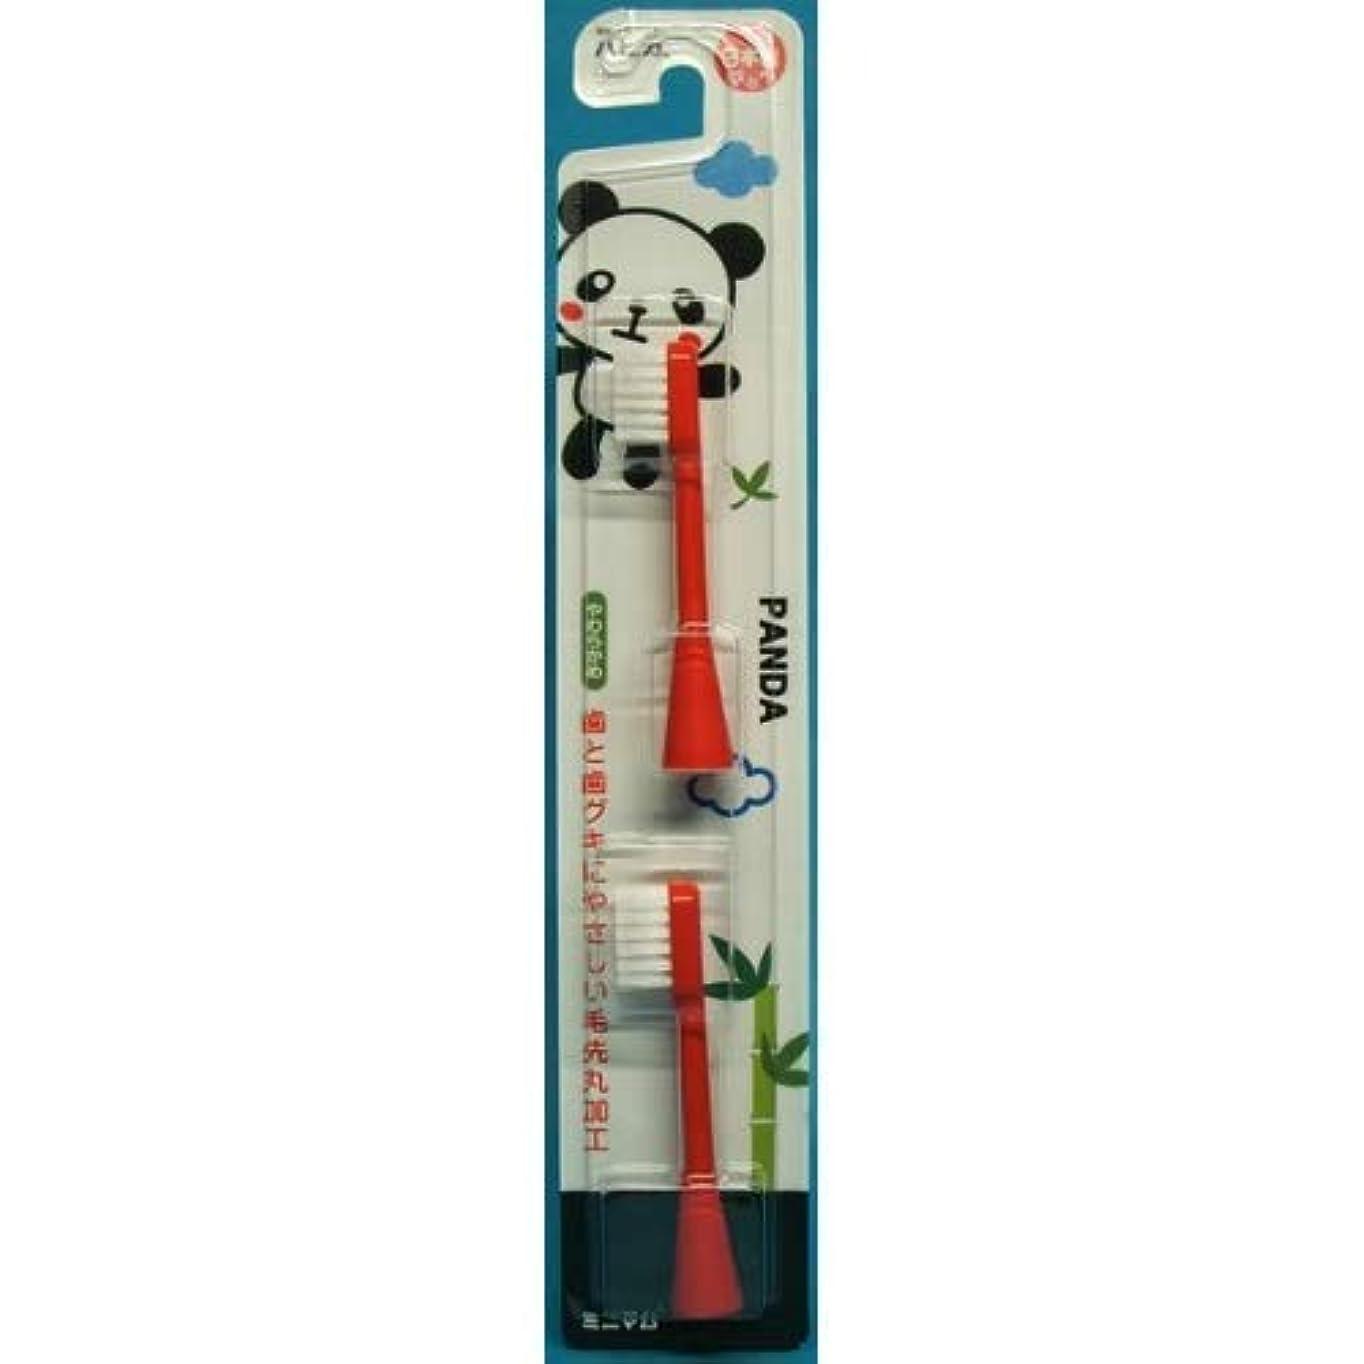 新しさ窓を洗う好きであるミニマム 電動歯ブラシ用 替ブラシ パンダ あかほっぺ BRT-7R 2本入